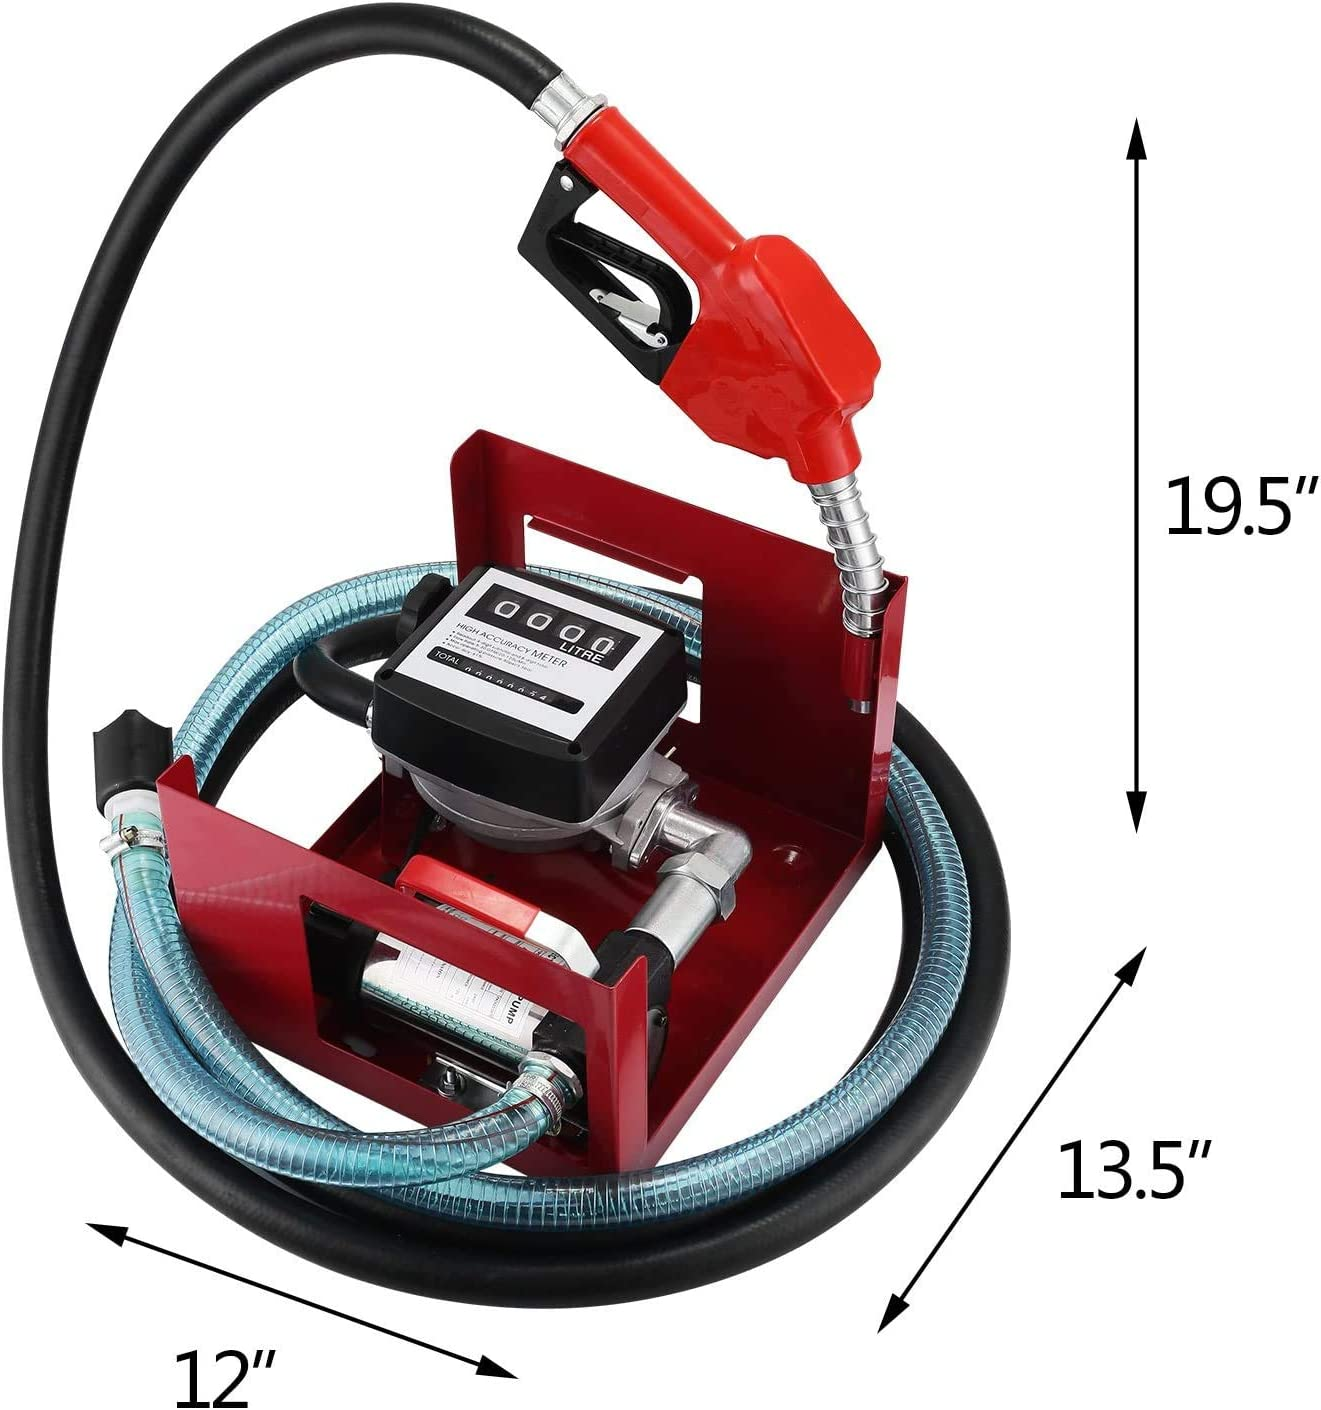 Pompe /à Huile pour Vidange Pompe /à Huile pour Vidange 40L//Min Pompe /à Fuel Ou Gasoil 600W Pompe /à Huile Electrique